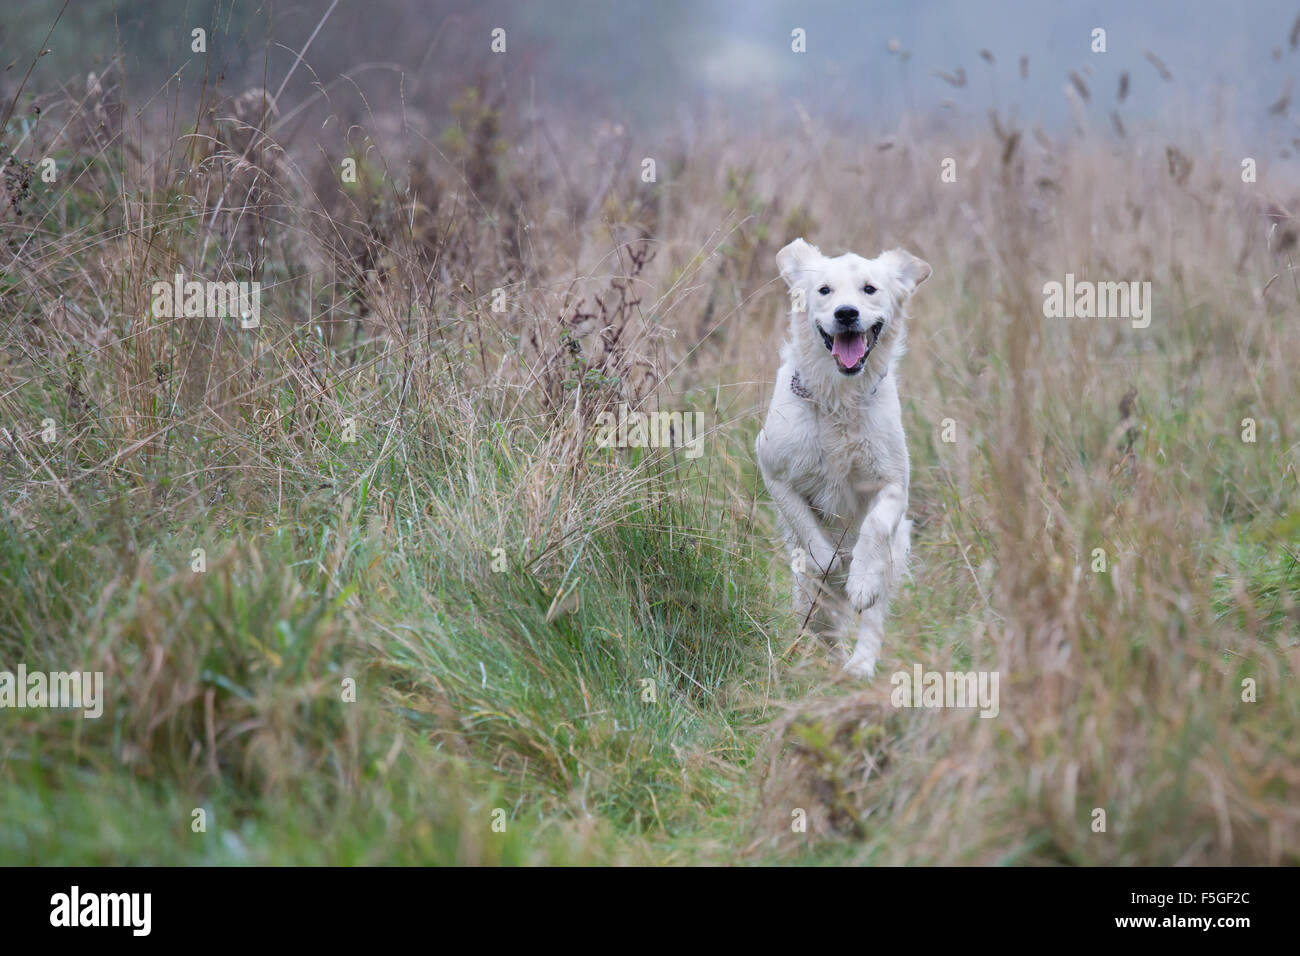 Golden Retriever running through tall grass - Stock Image